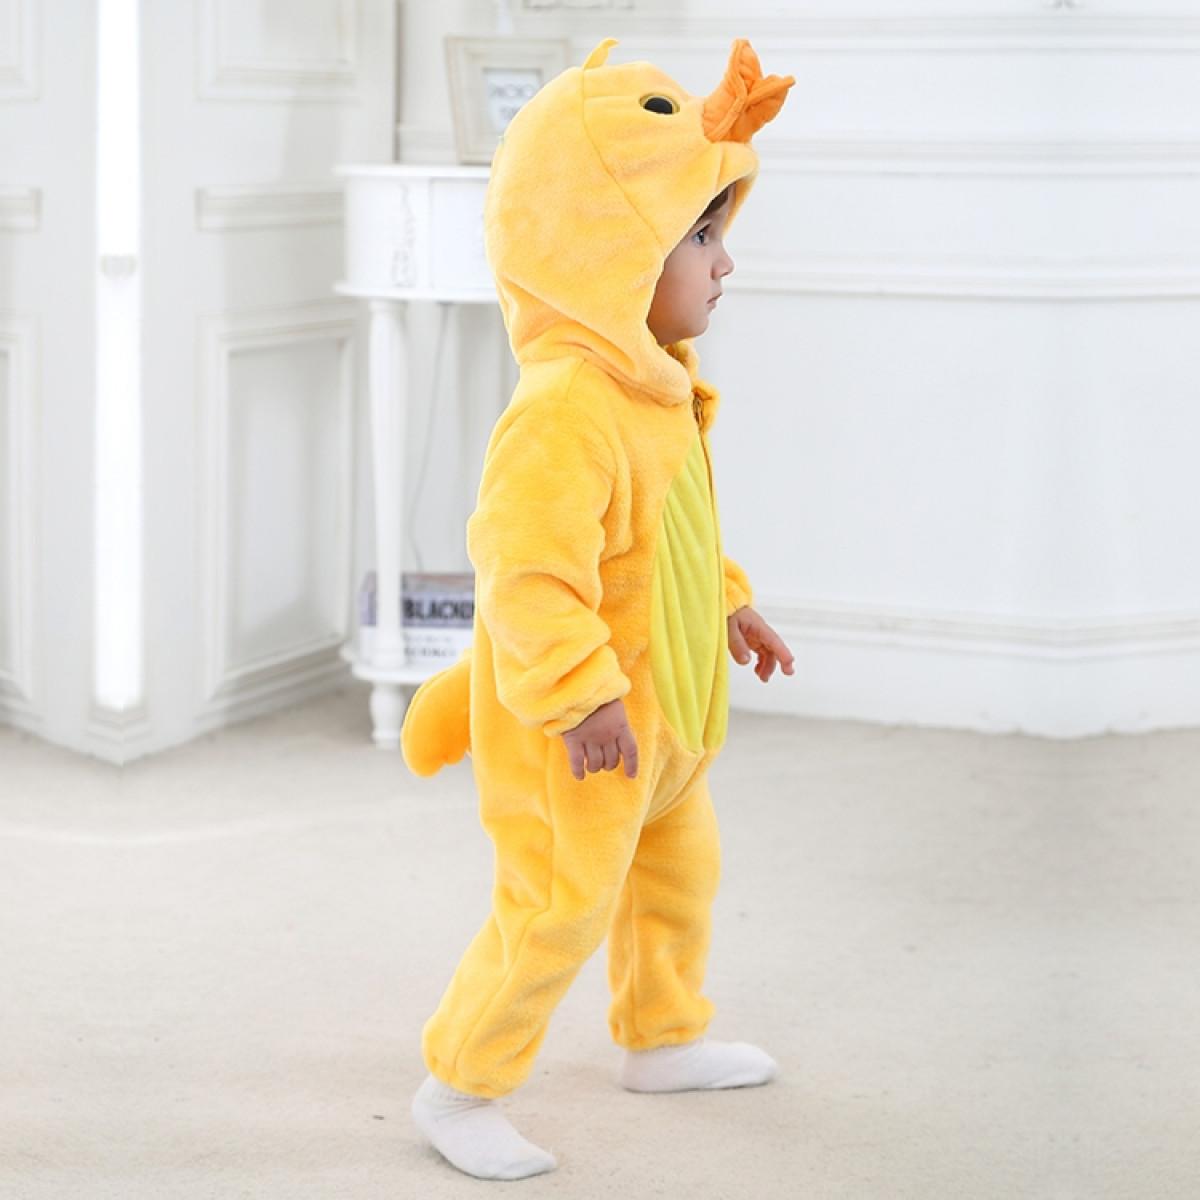 kostum račka rumena 74503